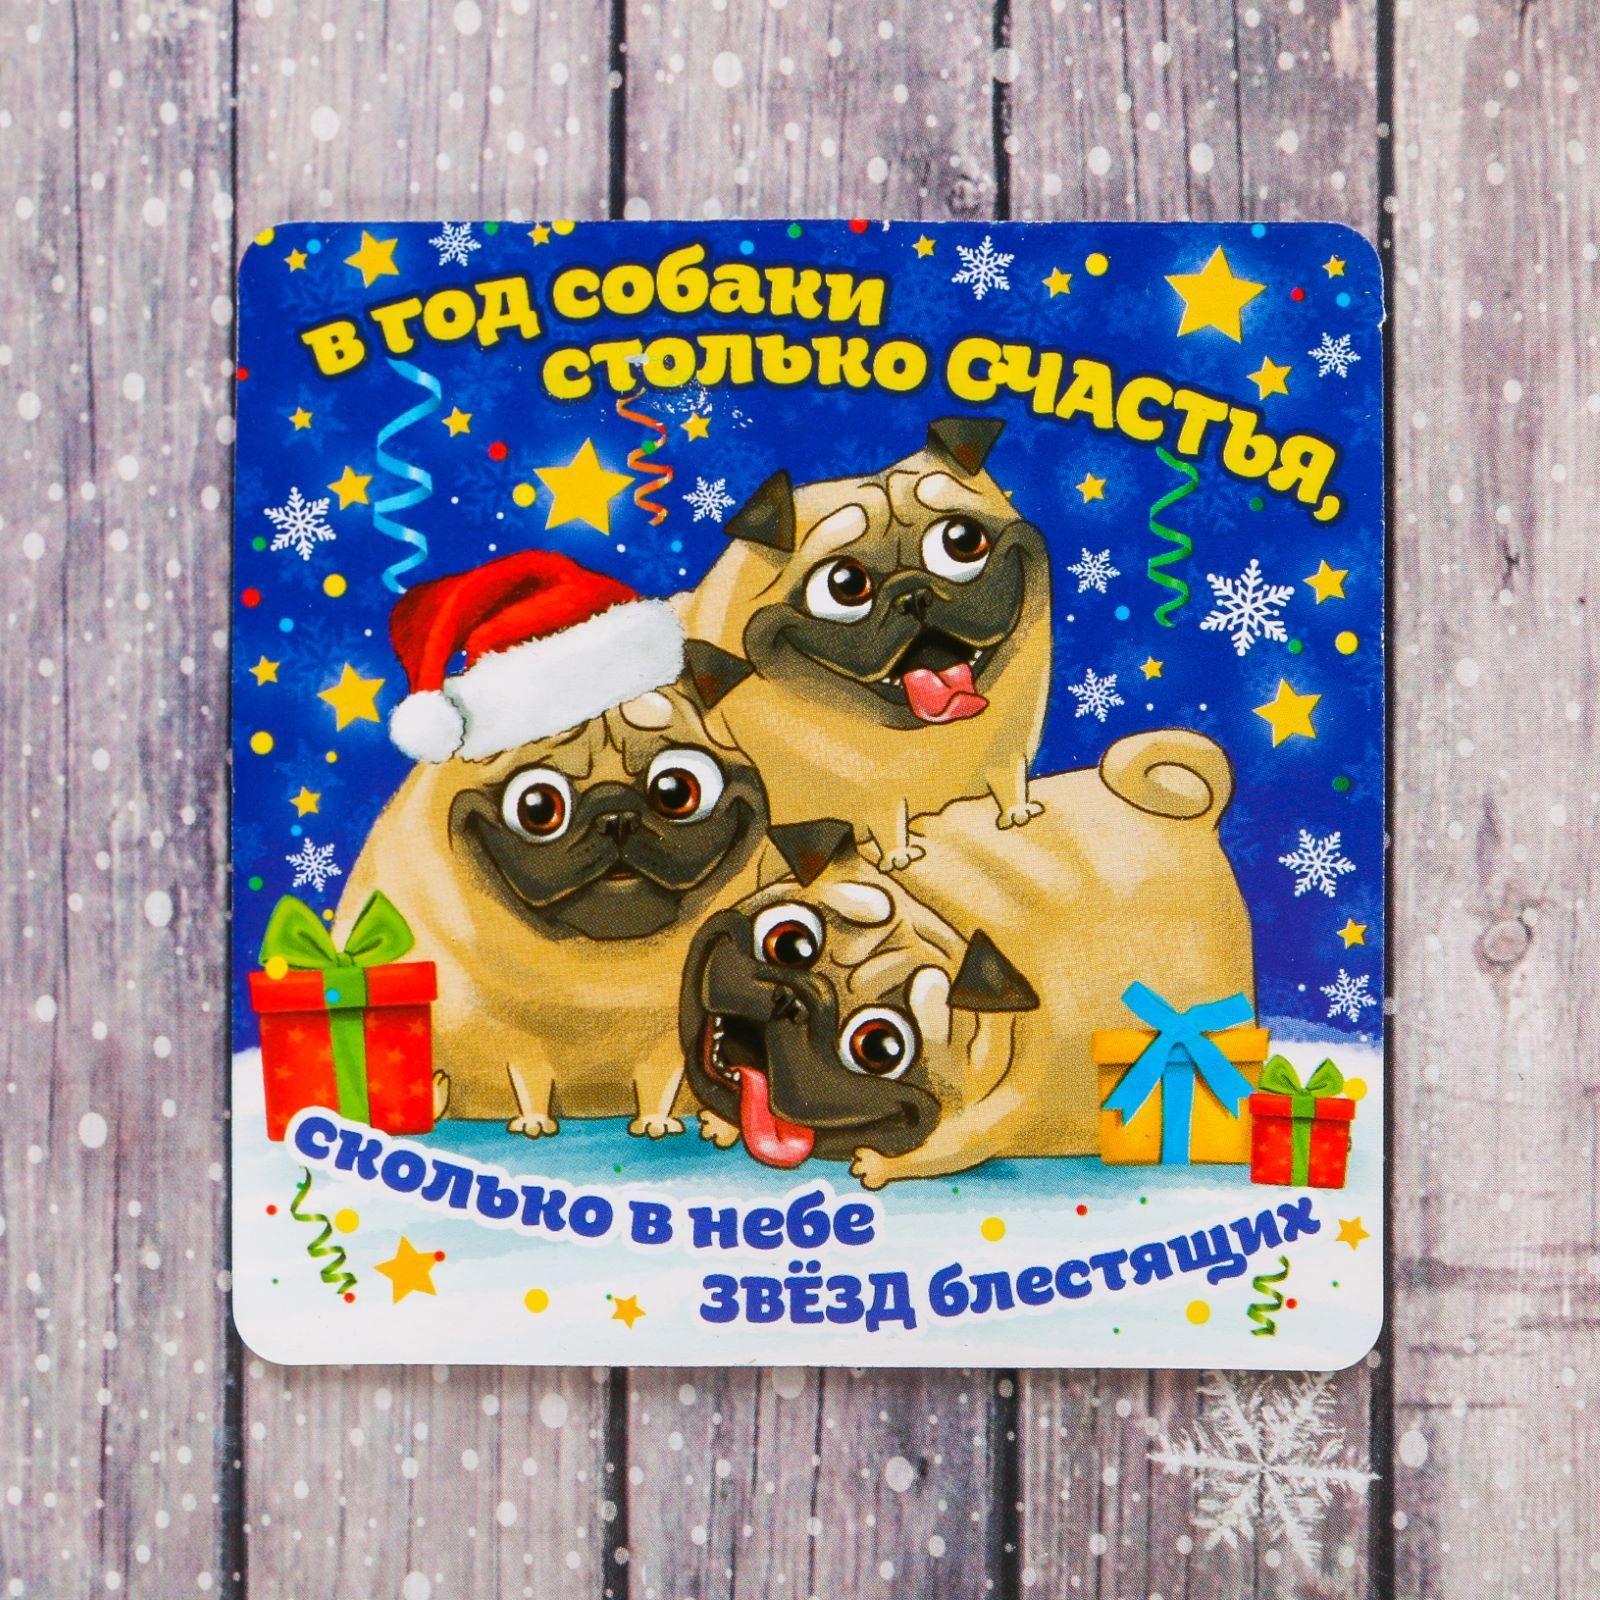 Магнит Sima-land От всей души, двусторонний, 8 х 8 см2196163Порадуйте родных и близких оригинальным сувениром: преподнесите в подарок магнит. С ним даже самый серьёзный человек почувствует себя ребёнком, ожидающим чудо! Создайте праздничное настроение, и оно останется с вами на весь год.